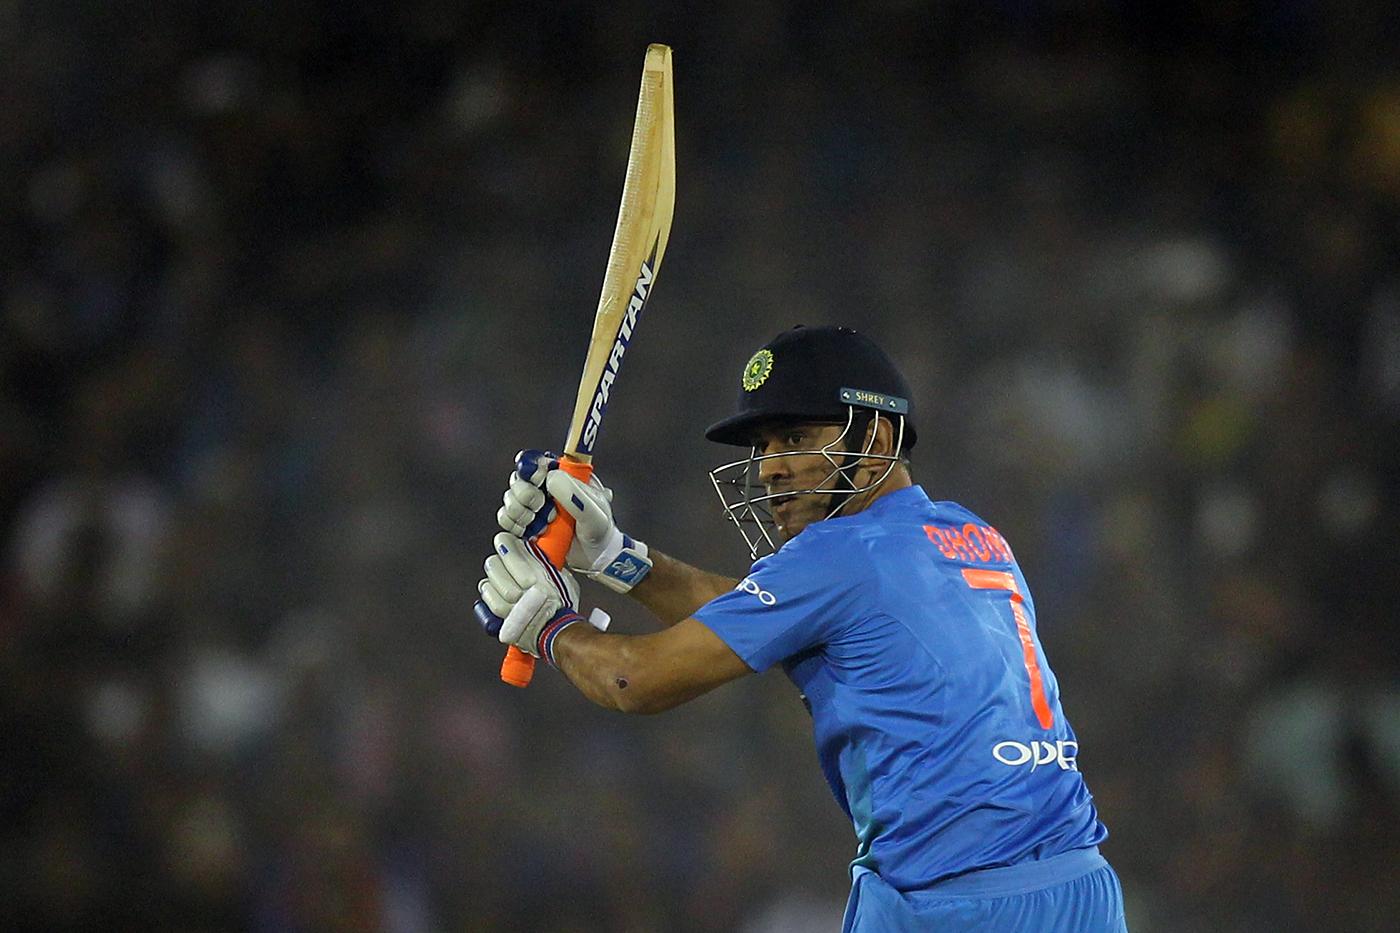 महेंद्र सिंह धोनी में अभी बहुत क्रिकेट बाकी है: आईपीएल चेयरमैन 1